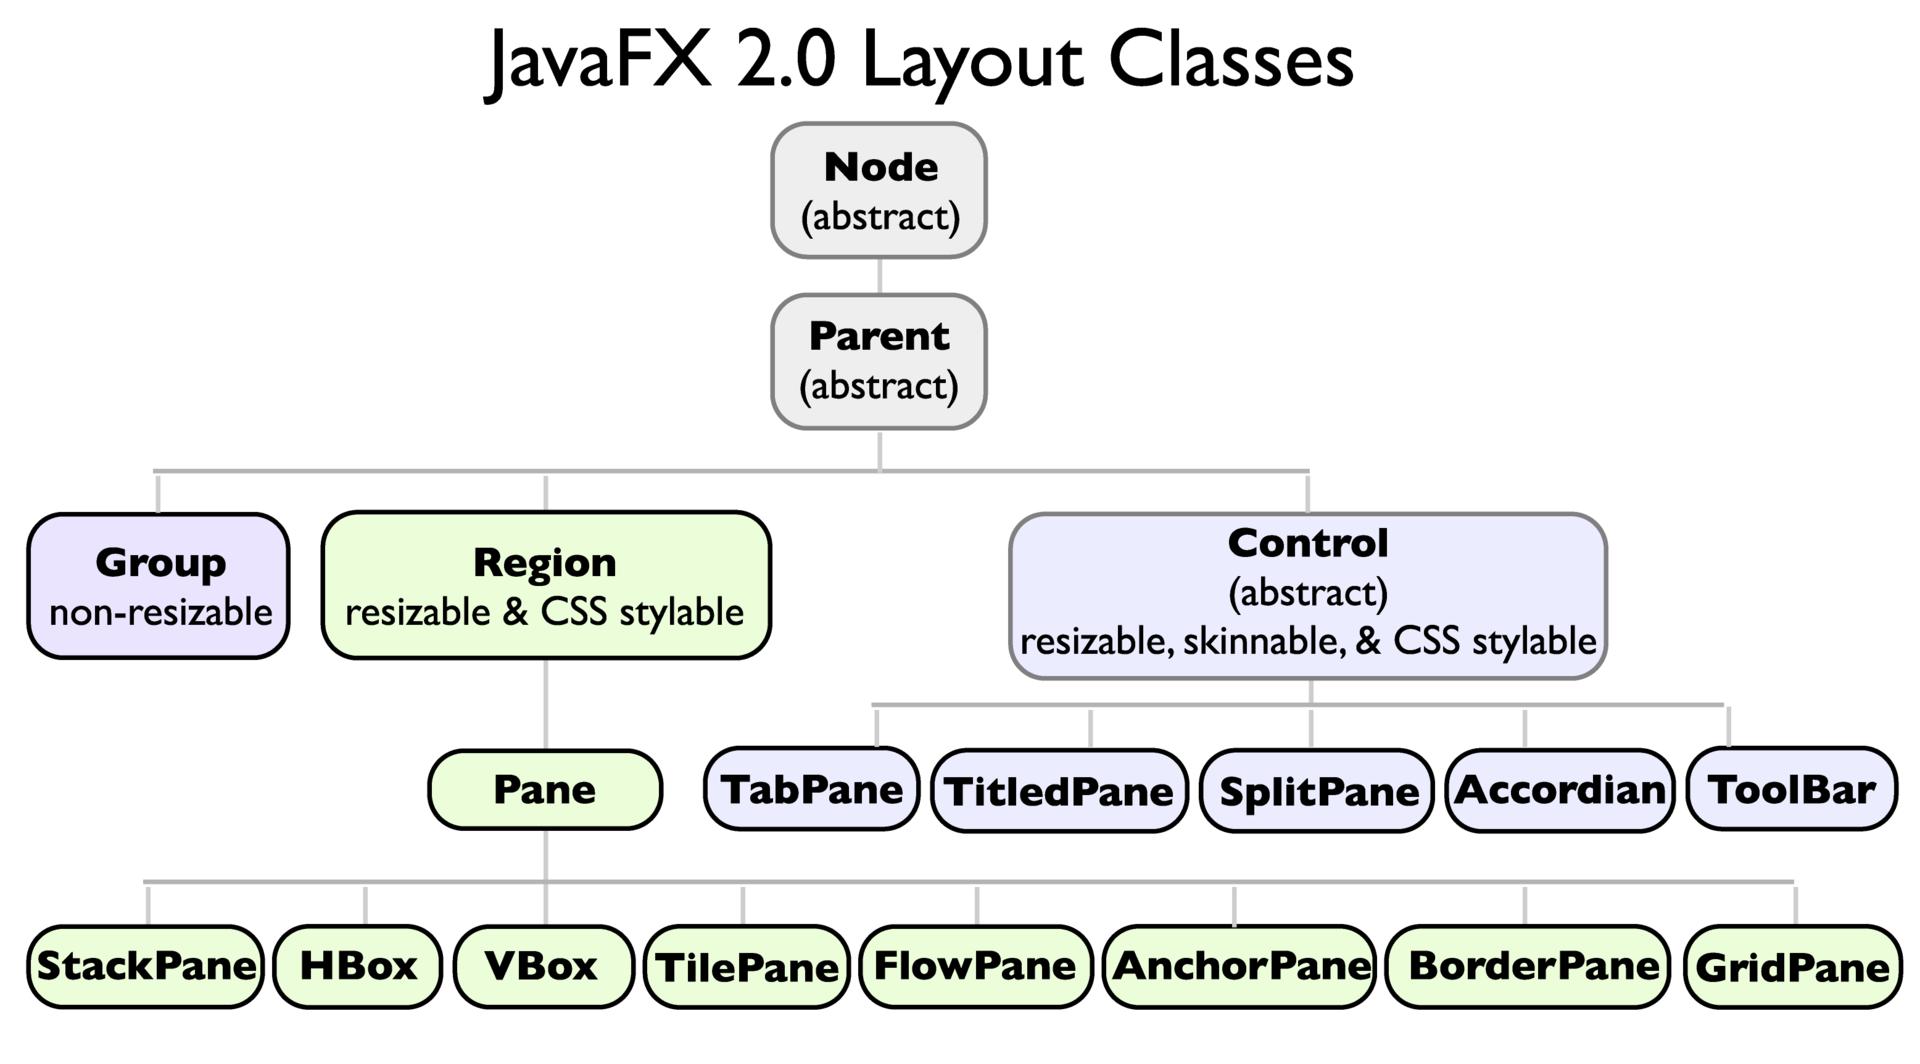 Введение в JavaFx и работа с layout в примерах - 5